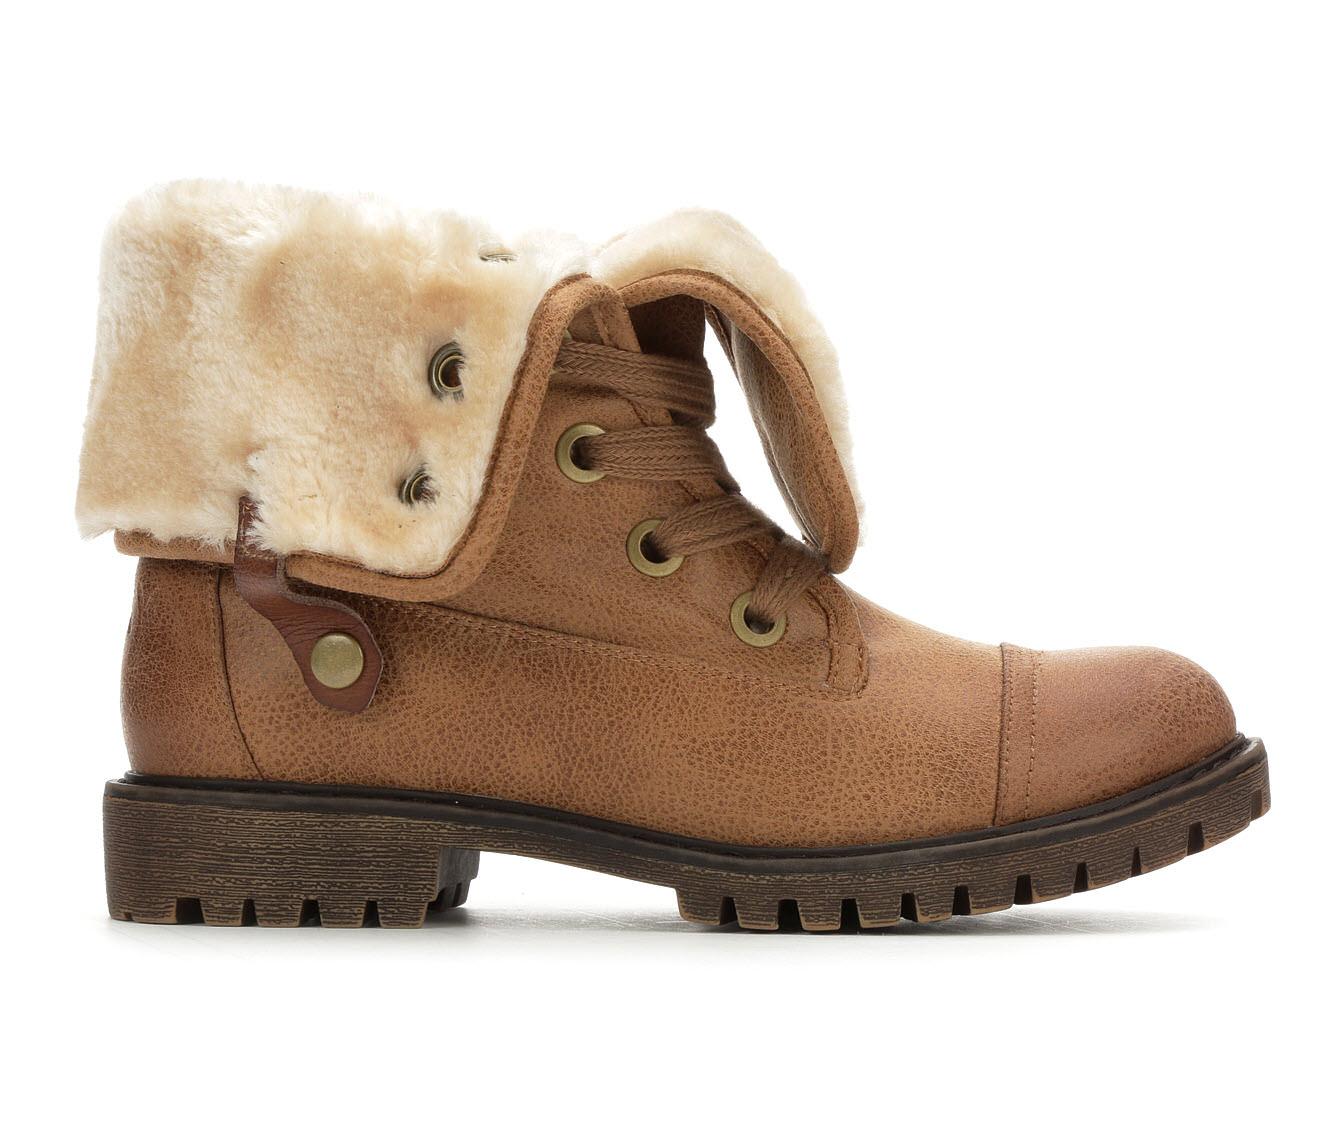 Roxy Bruna Women's Boot (Beige Faux Leather)